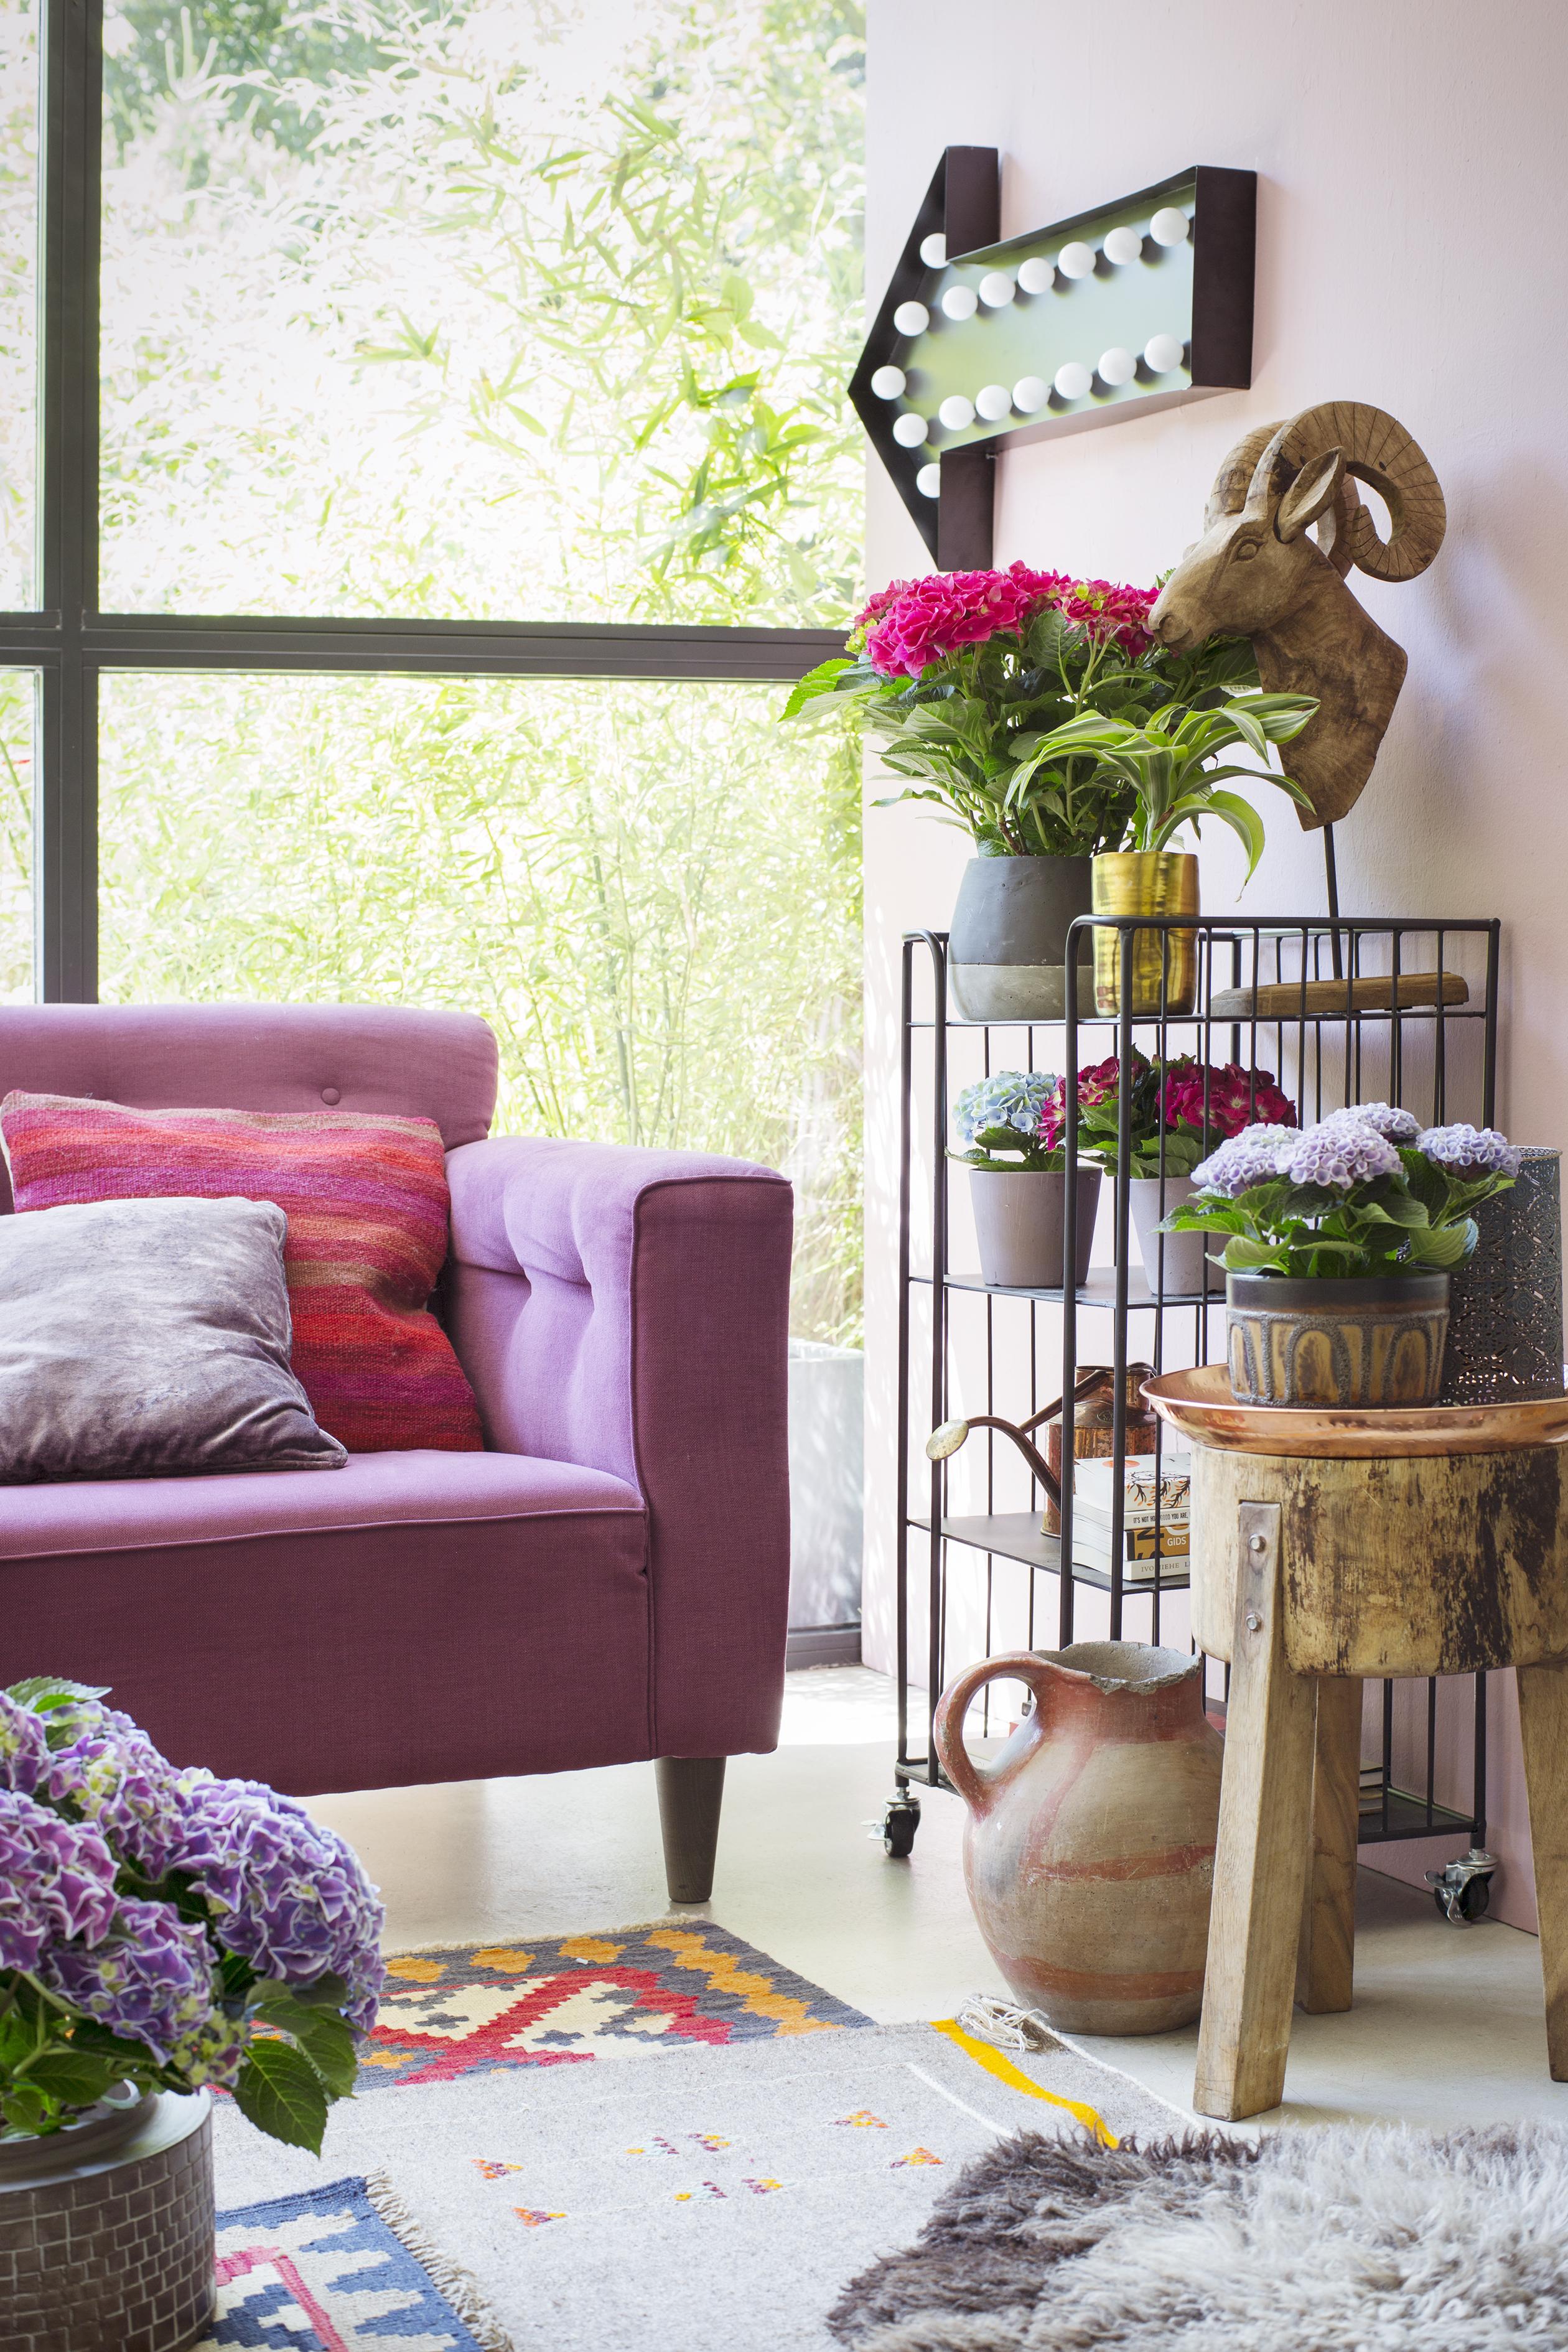 Interieurstylen met de Hortensia bohemian stijl